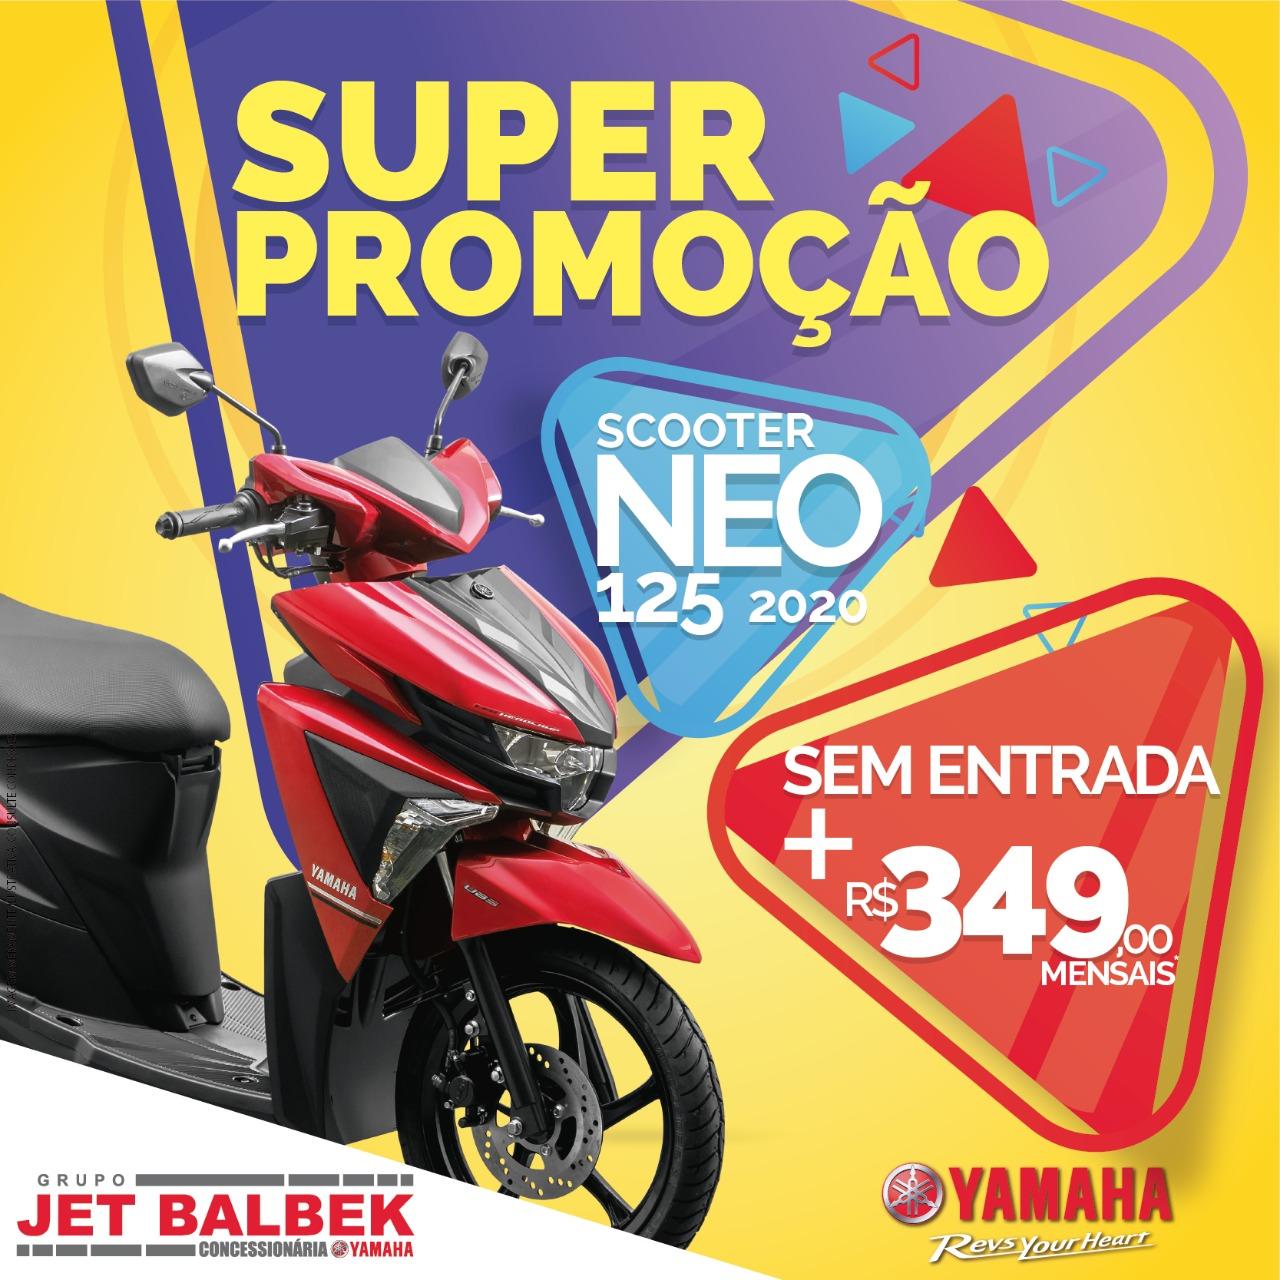 Yamaha Jet Balbek